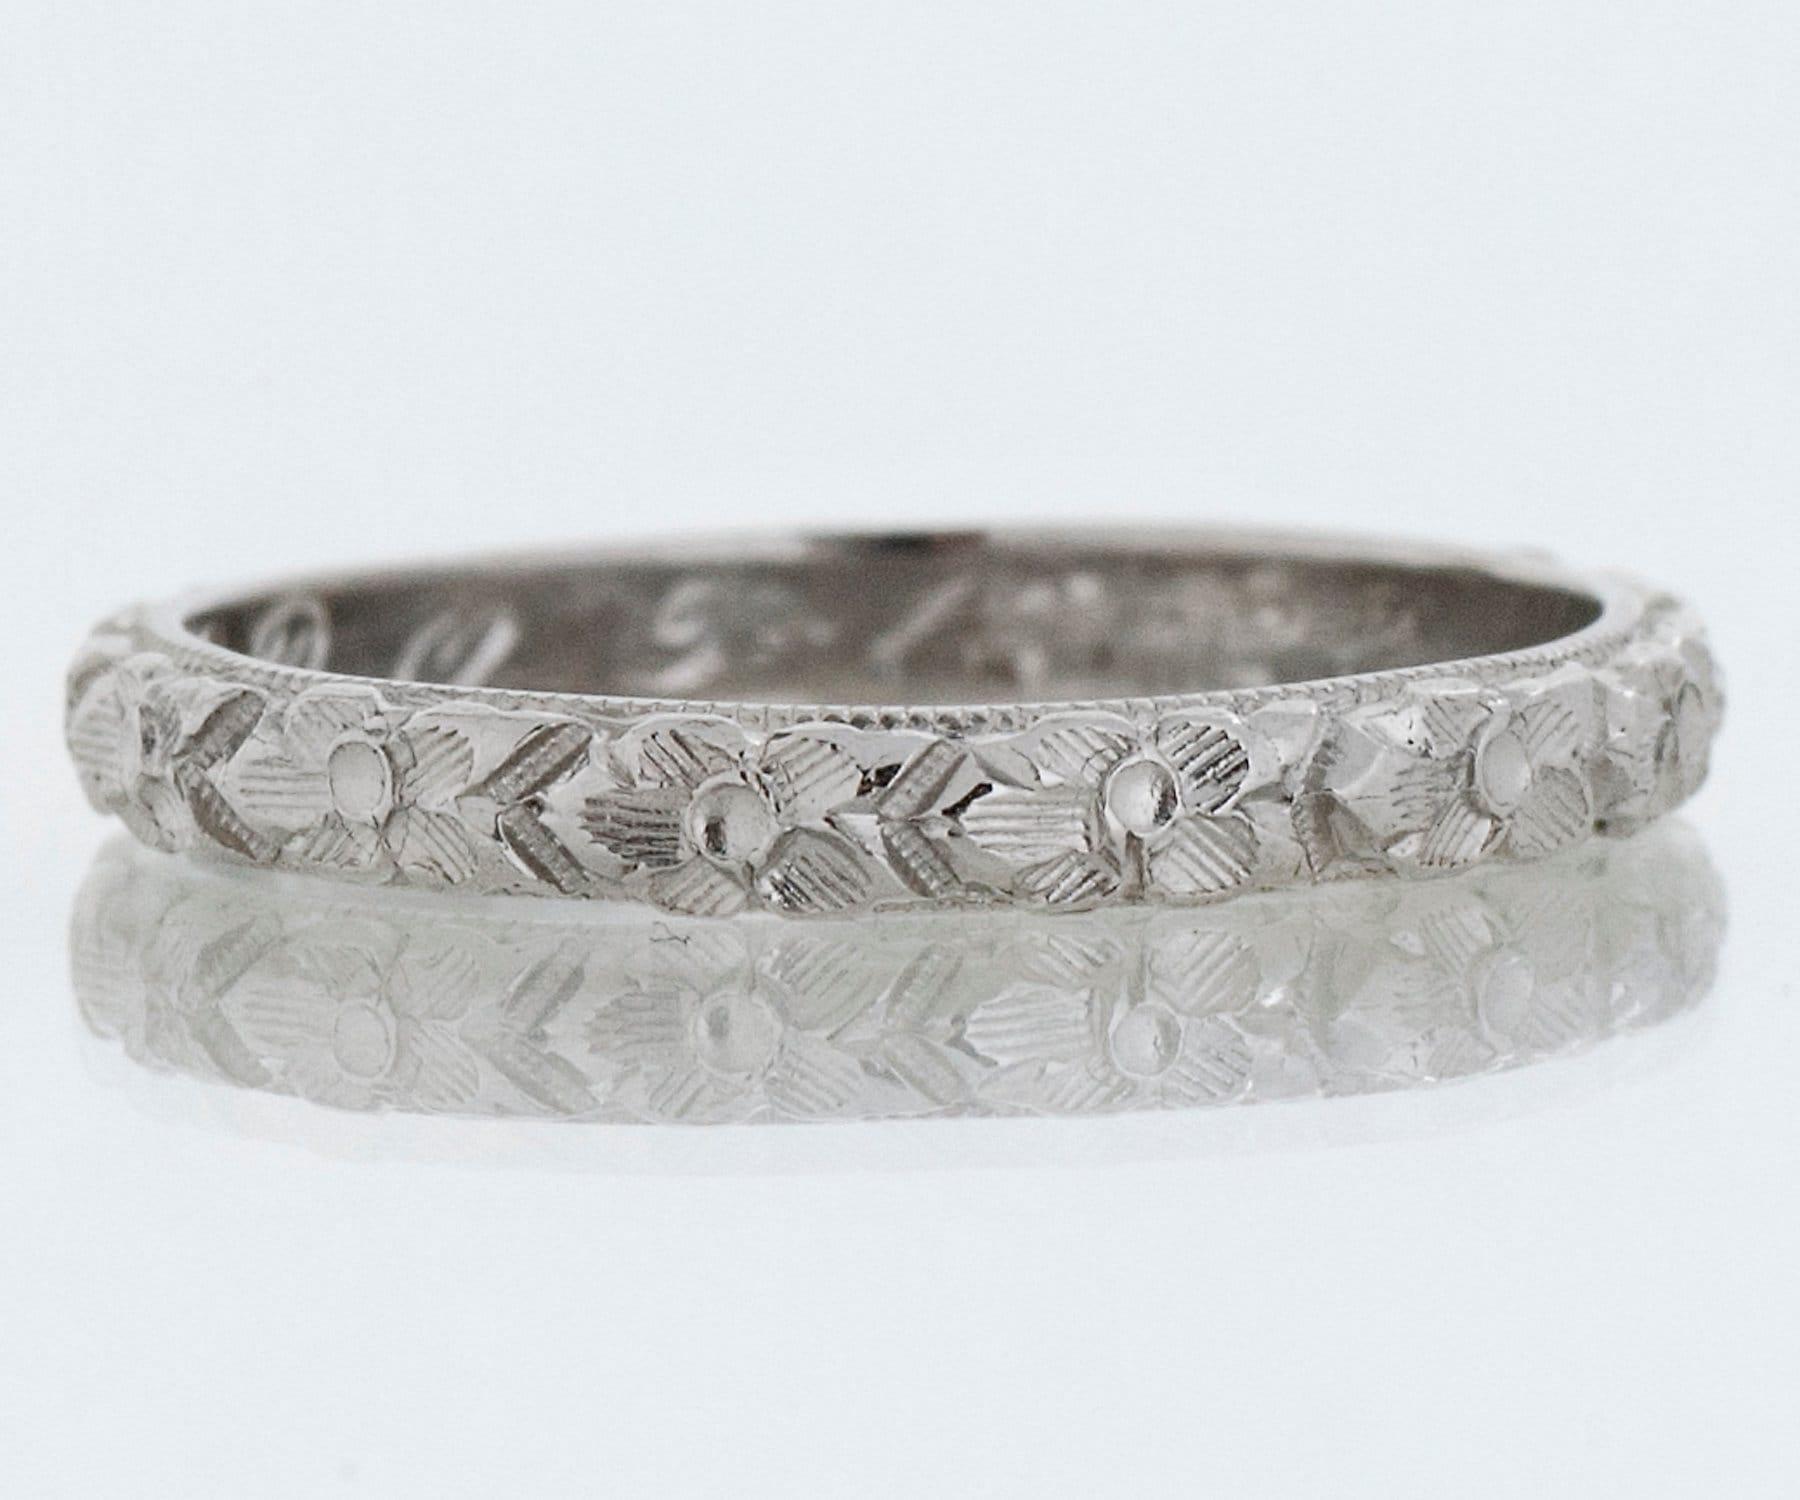 50: Flower Pattern Wedding Ring At Reisefeber.org